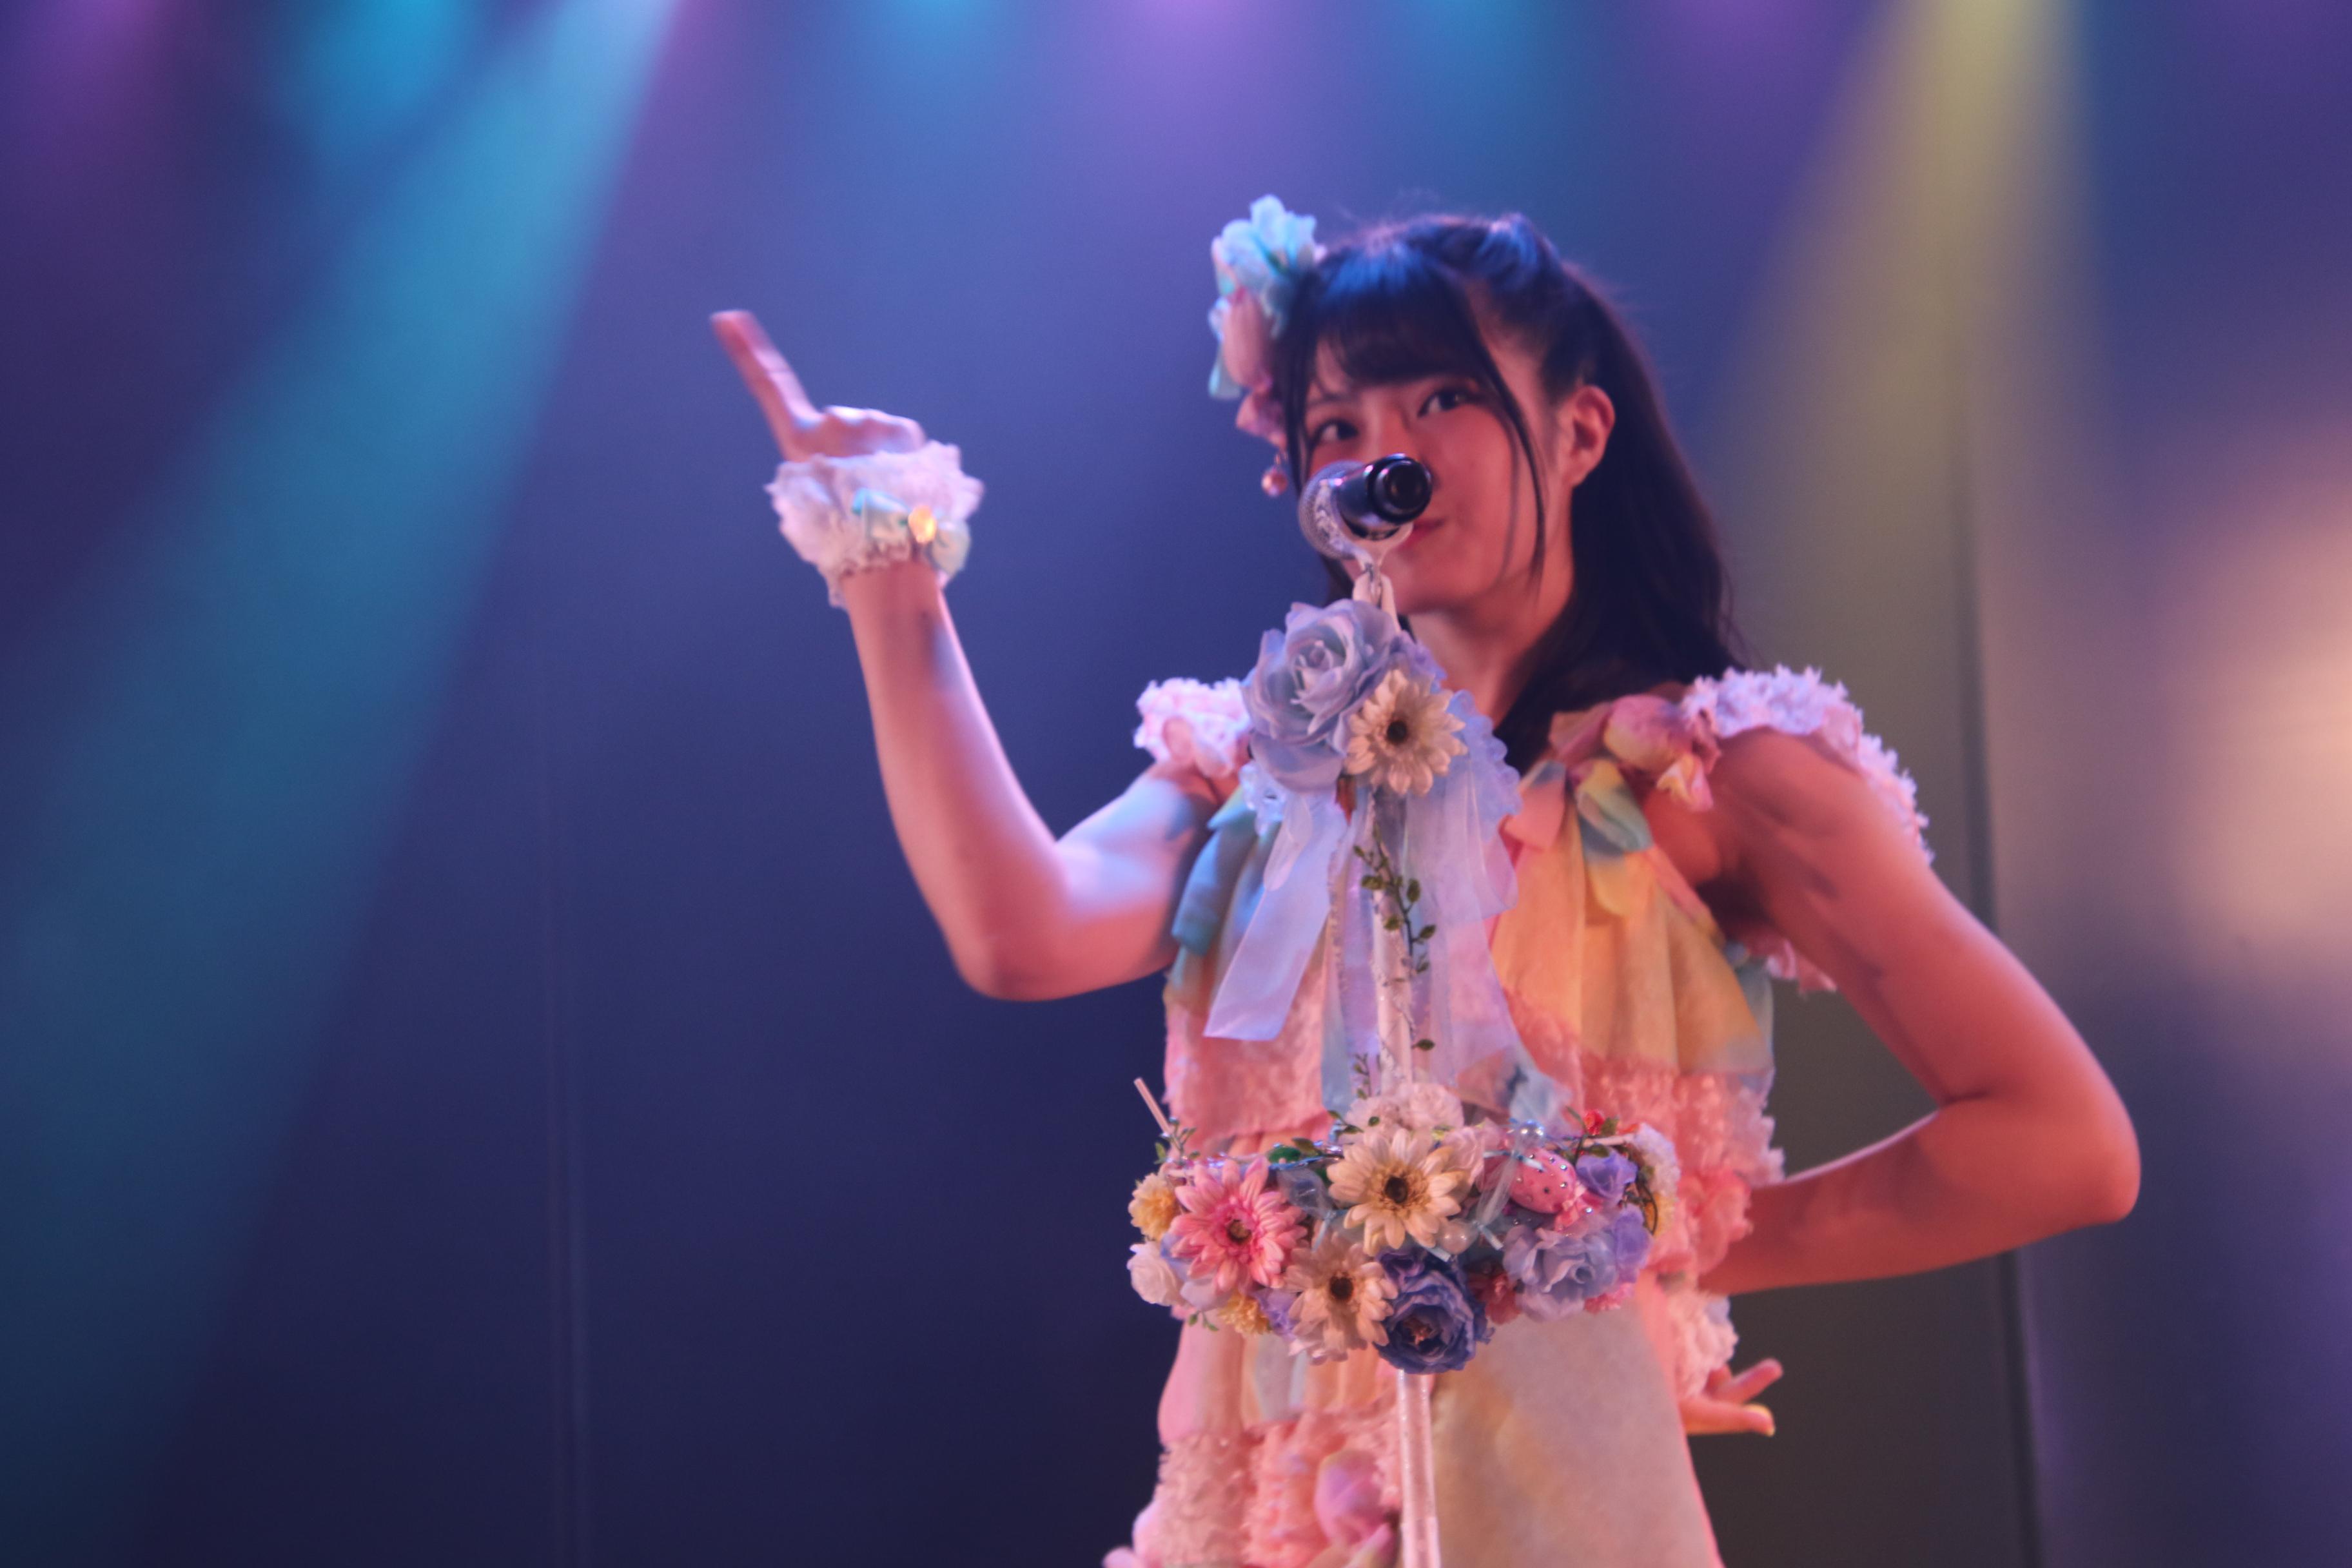 「その雫は、未来へと繋がる虹になる。」公演ゲネで「キャンディー」を披露する行天優莉奈